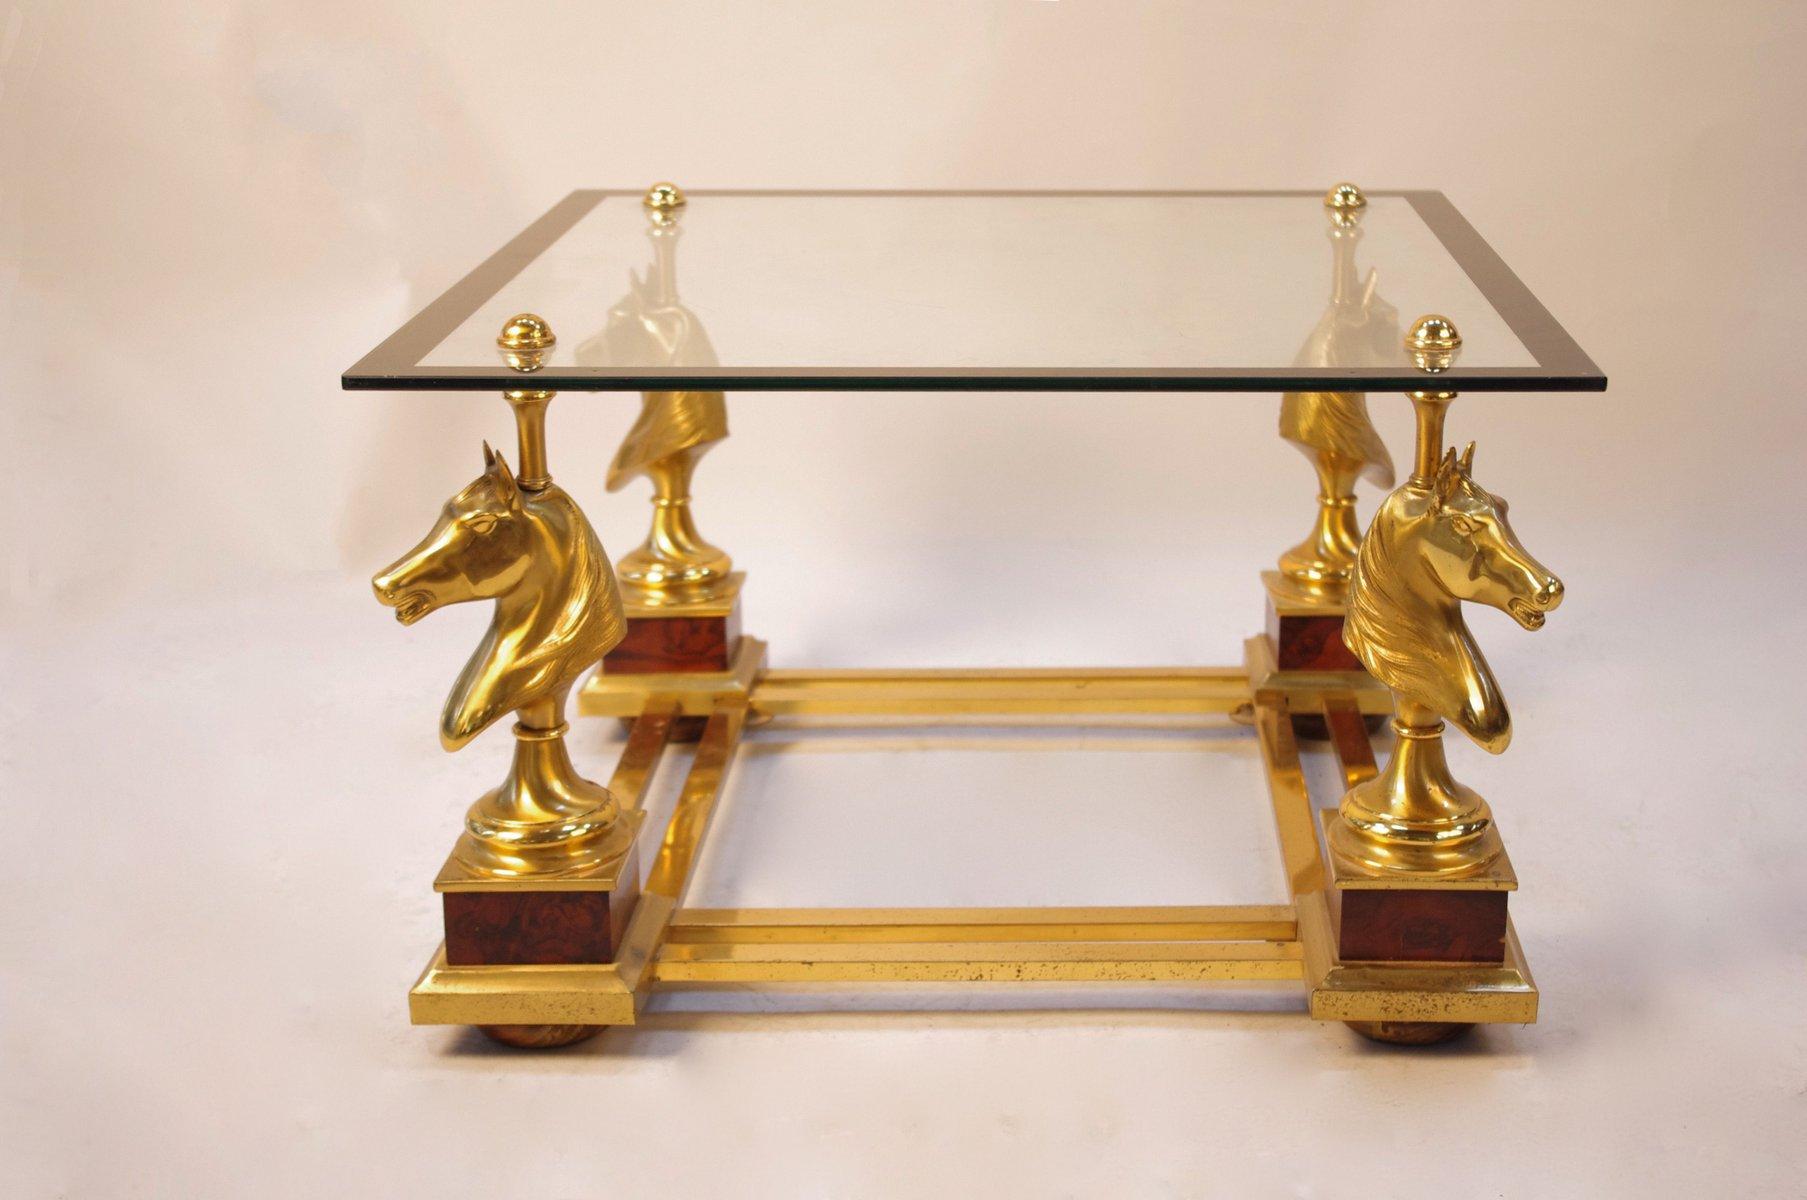 Vintage Couchtisch aus Vergoldetem Metall & Glas mit 4 Pferdebüsten, 1...